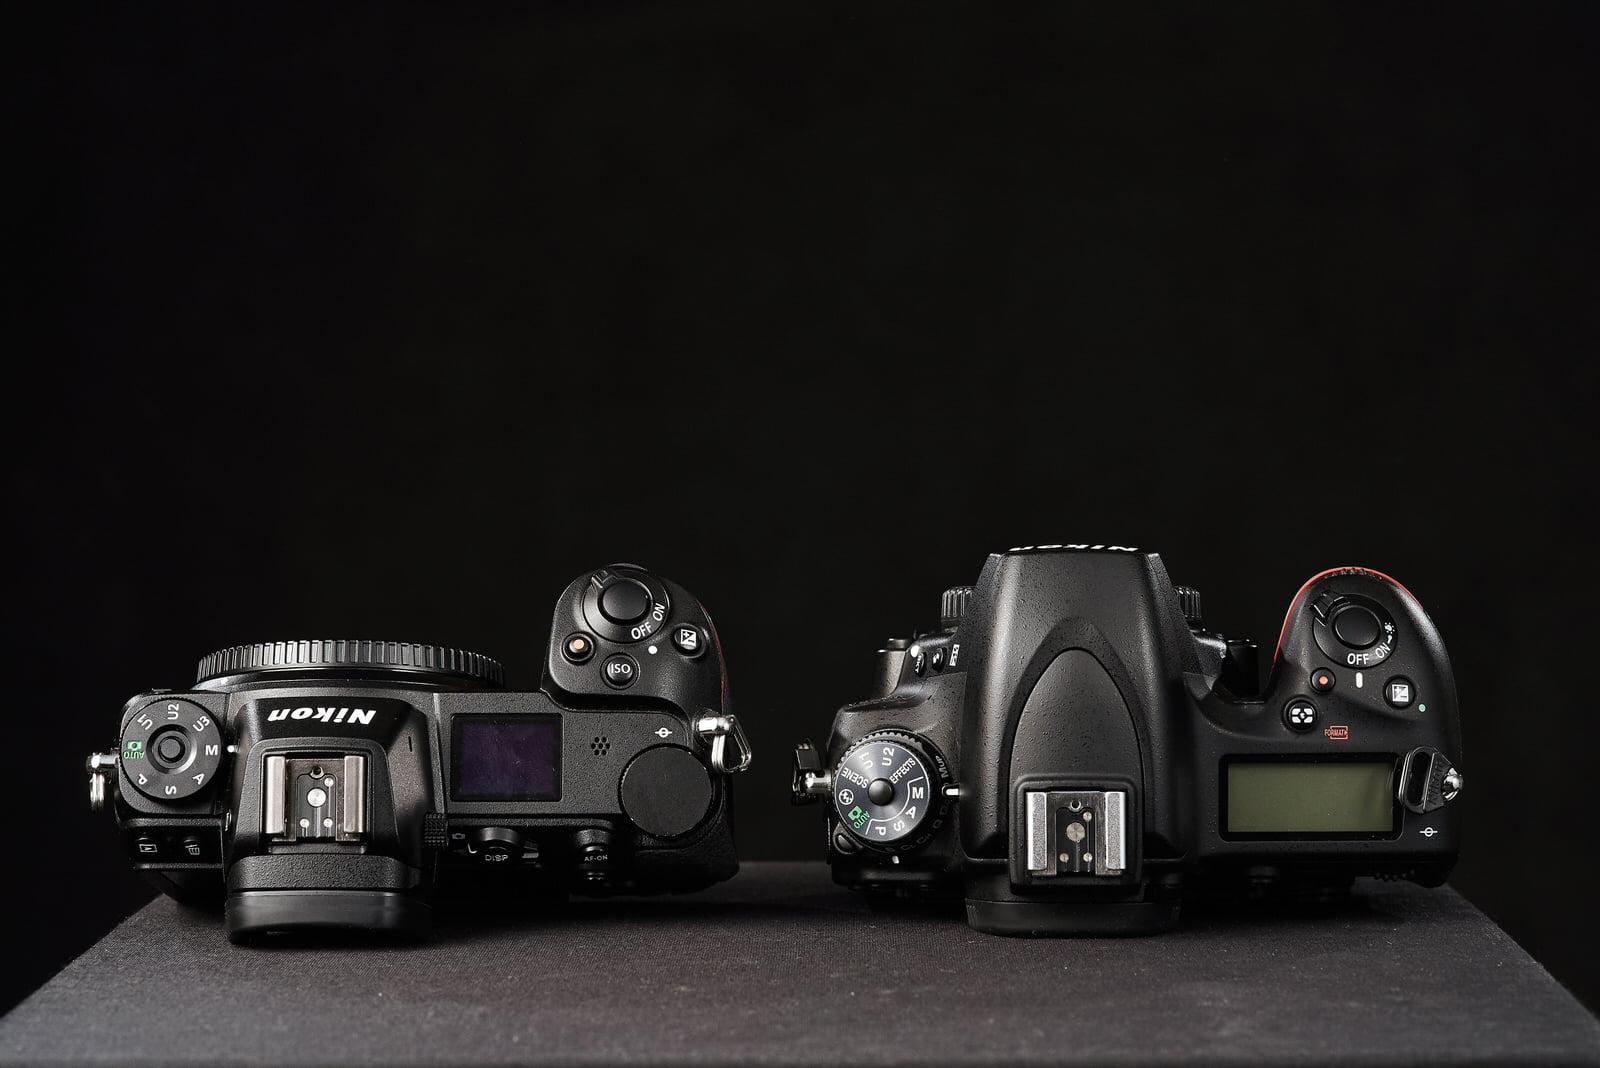 Recenzja Nikon Z6 w fotografii ślubnej | Porównanie do Nikona D750 22